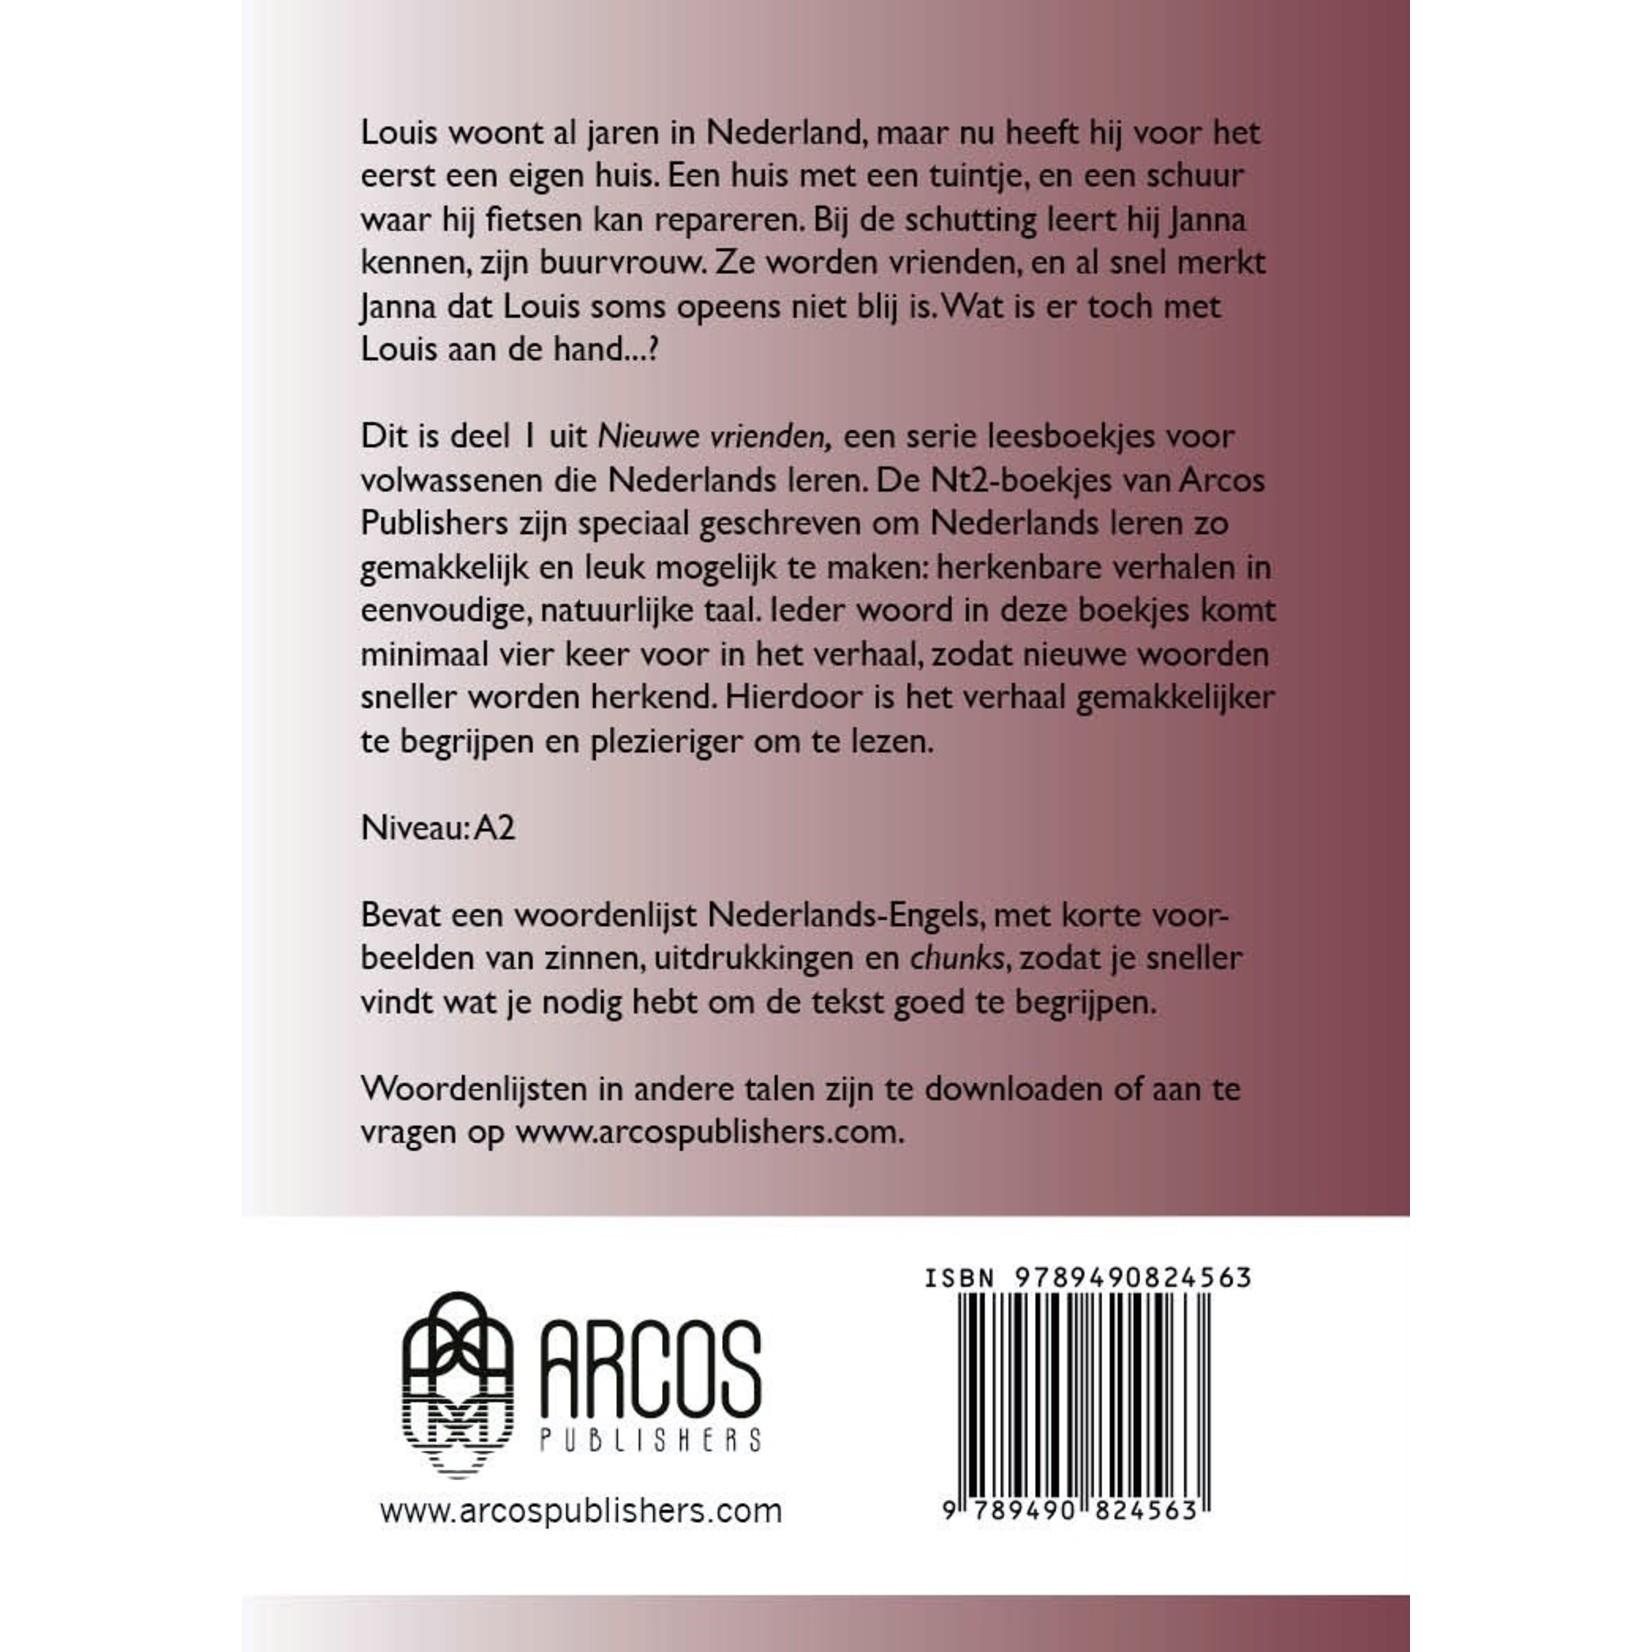 Arcos Publishers Een huis met een tuintje